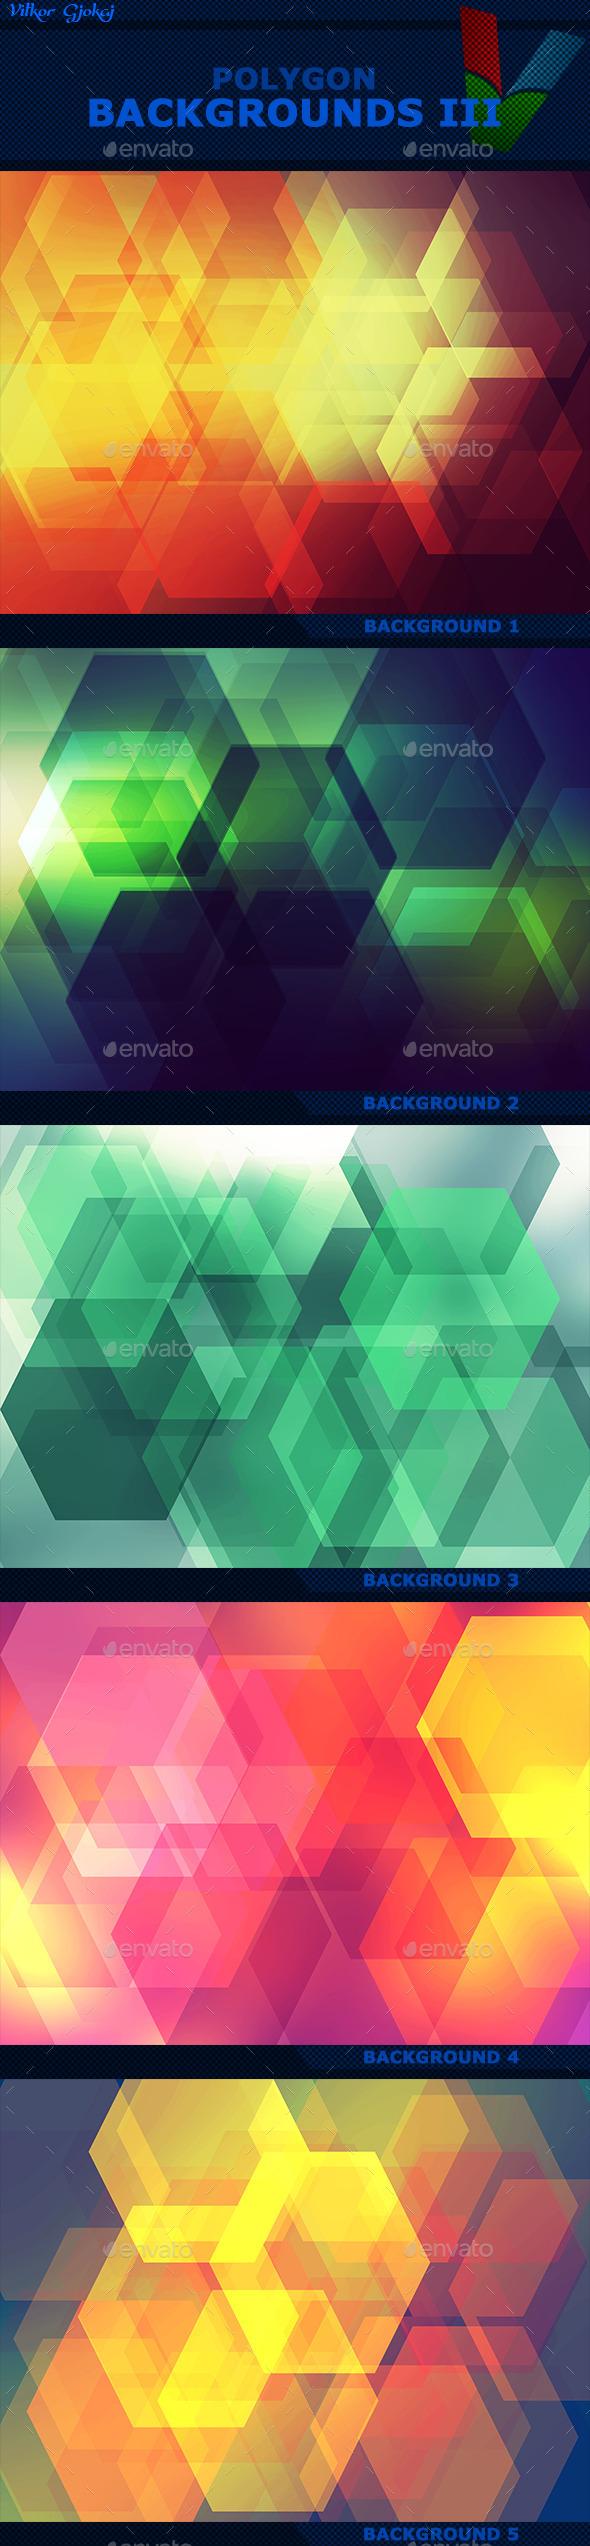 Polygon Backgrounds III